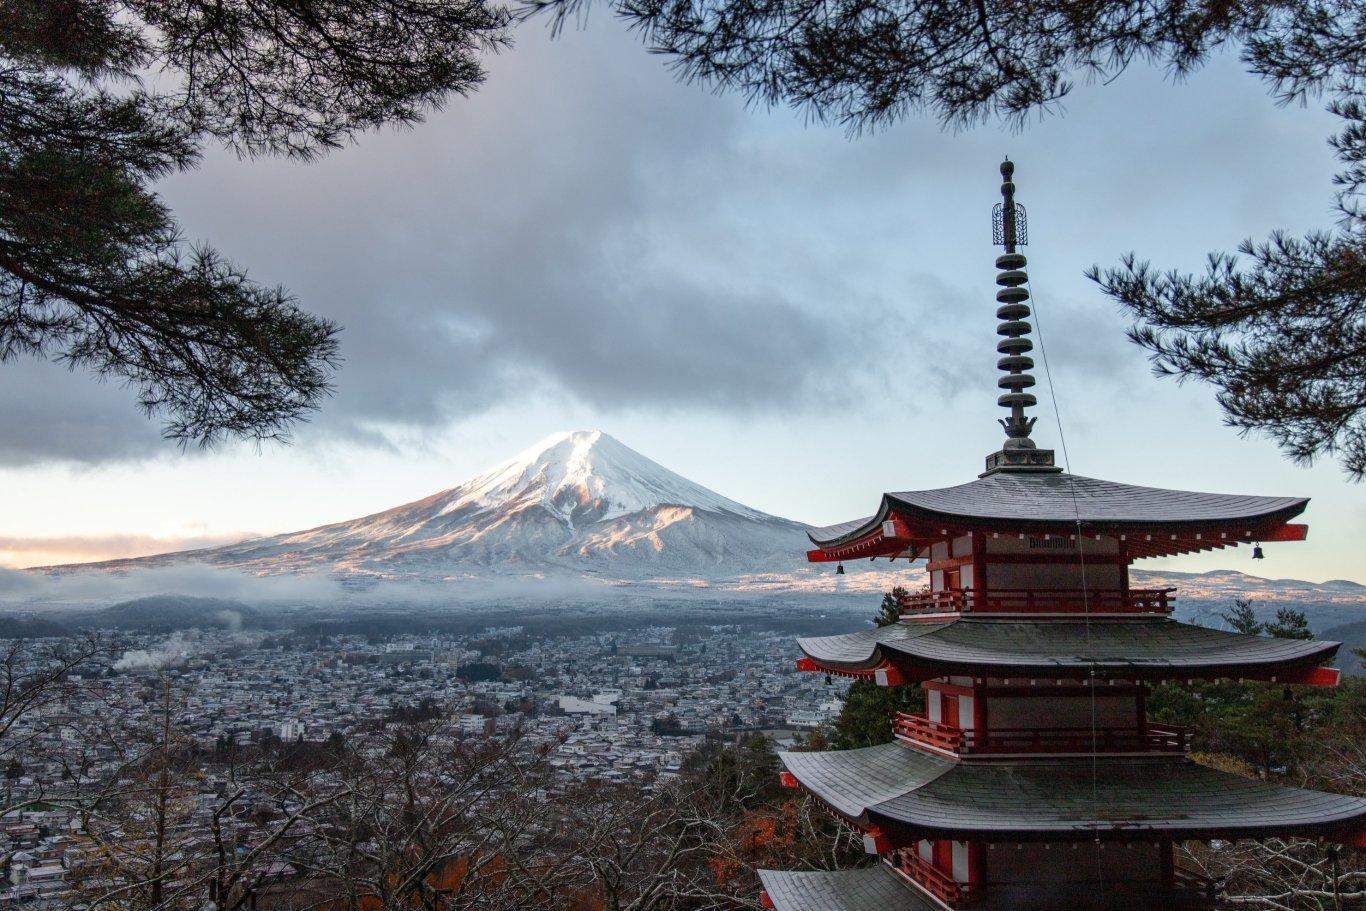 10-Day Family Trip to Tokyo, Kyoto, Nara & Hiroshima - Japan Itinerary